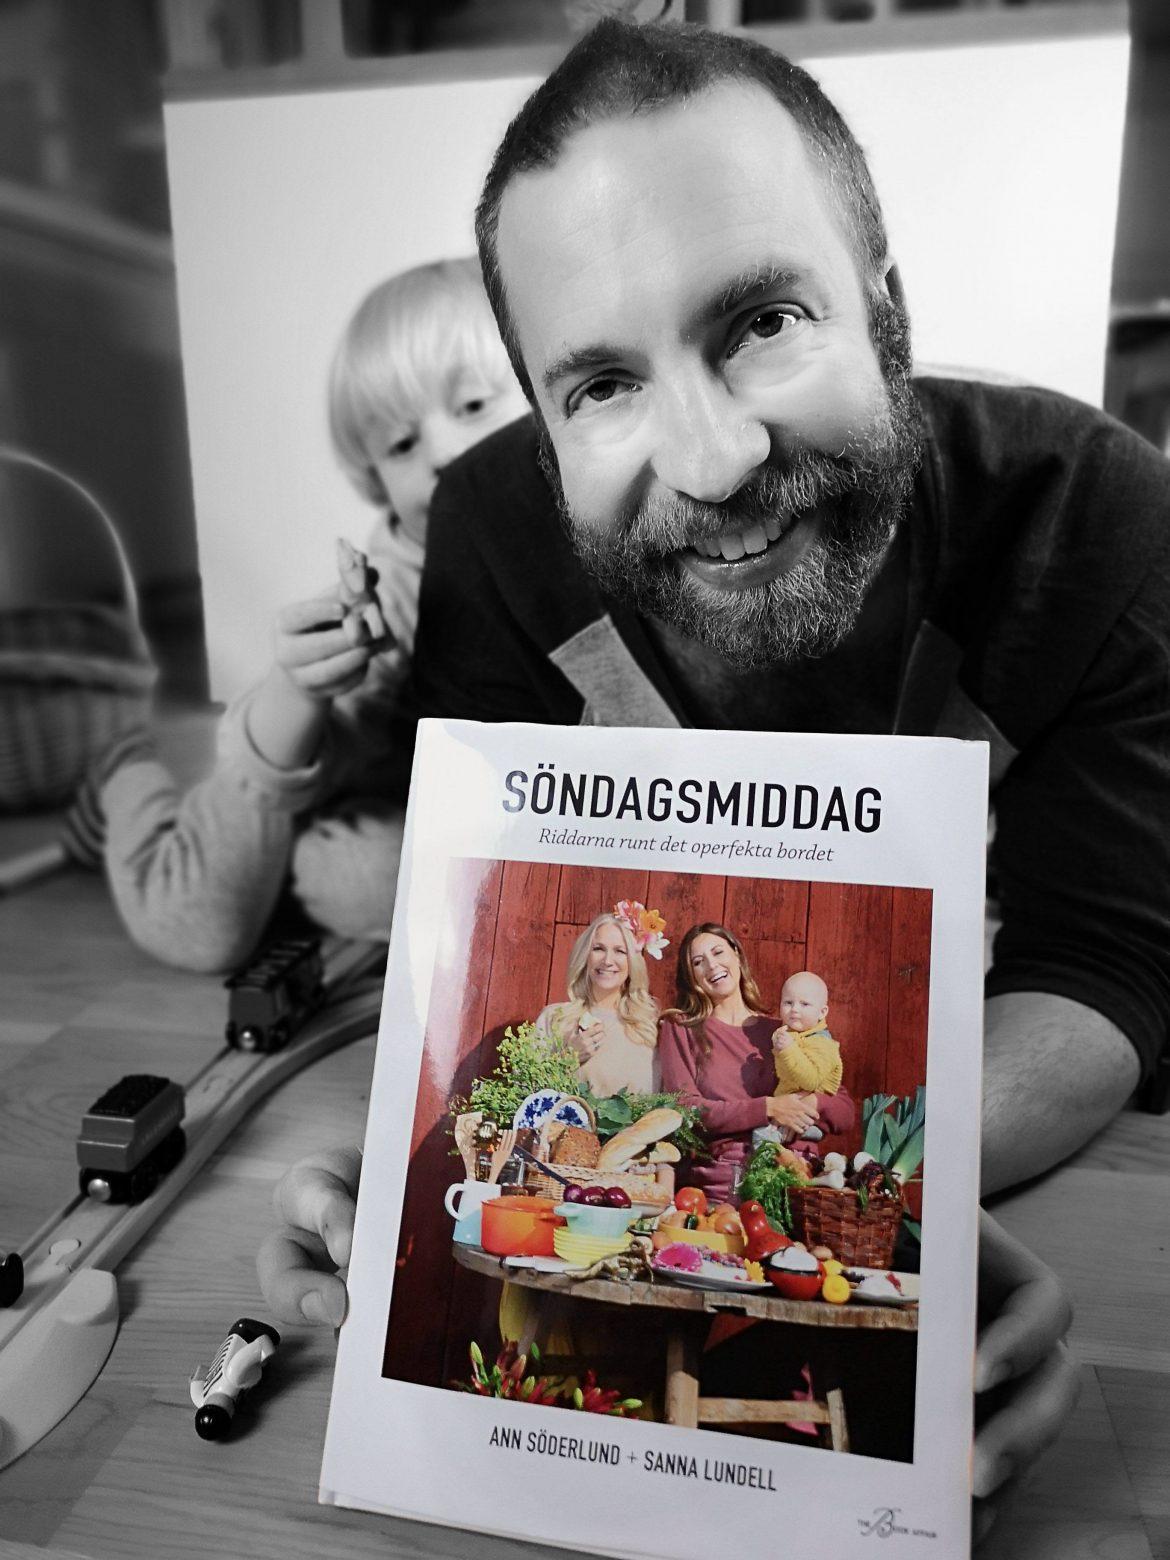 Riddarna runt det operfekta bordet senses recension Andreas Lycker